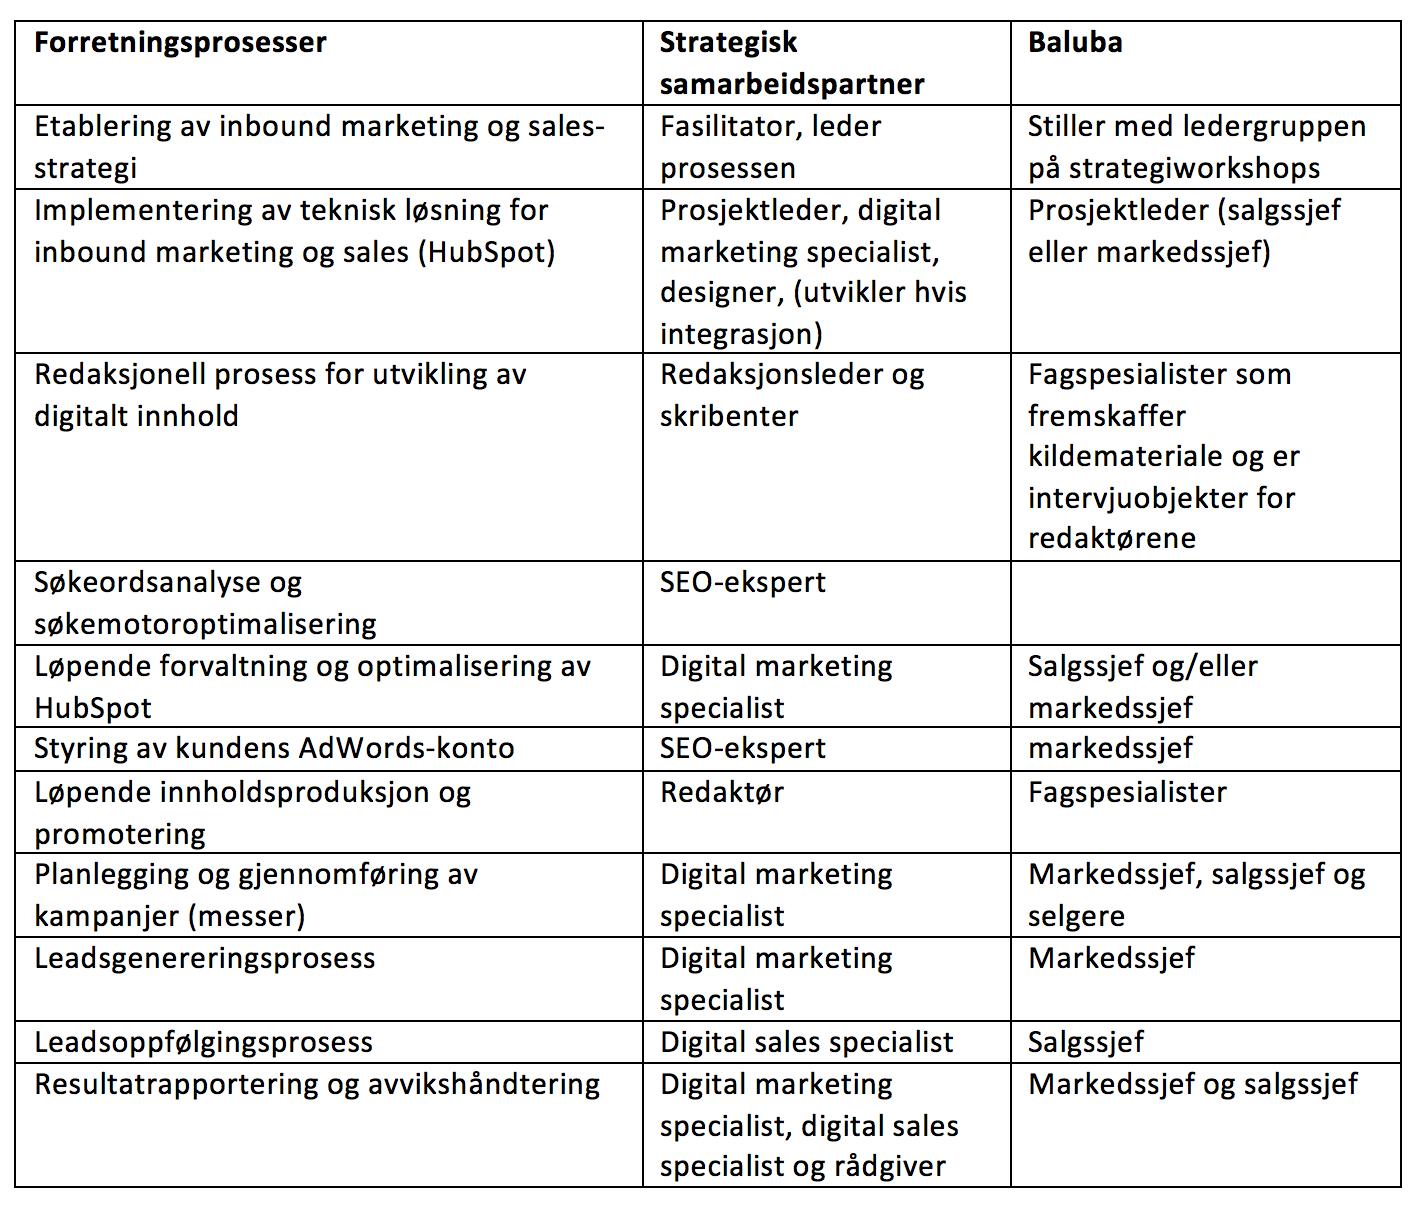 Forretningsprosesser i digital markedsføring og salg.png